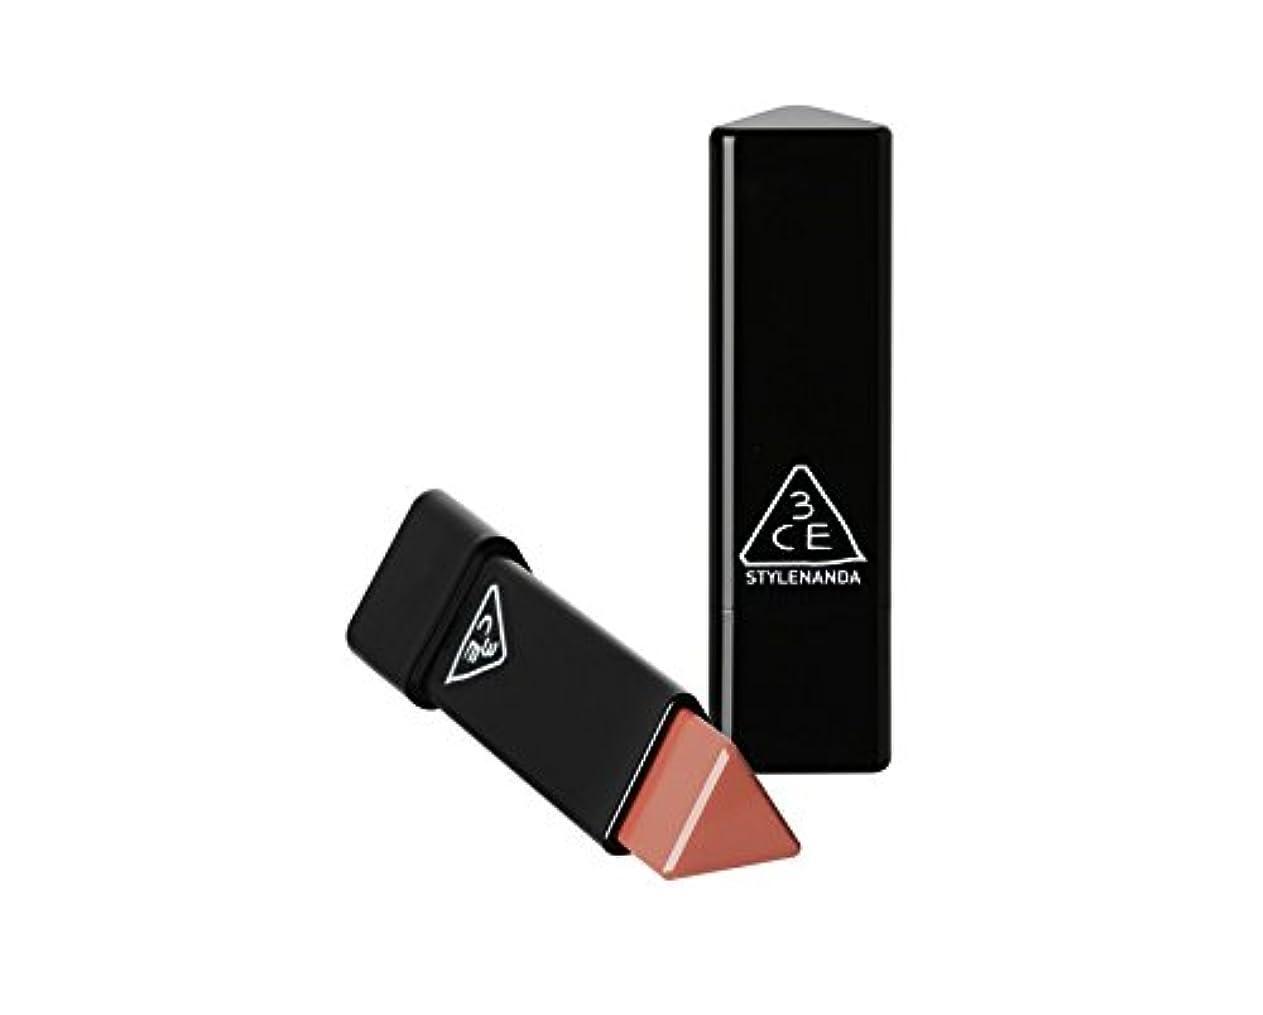 慢性的反対にモス3CE スロージャム三角形口紅 3 Concept Eyes Style Nanda Glow Jam Stick Triangle Lipstick (正品?海外直送品) (Very Berry)